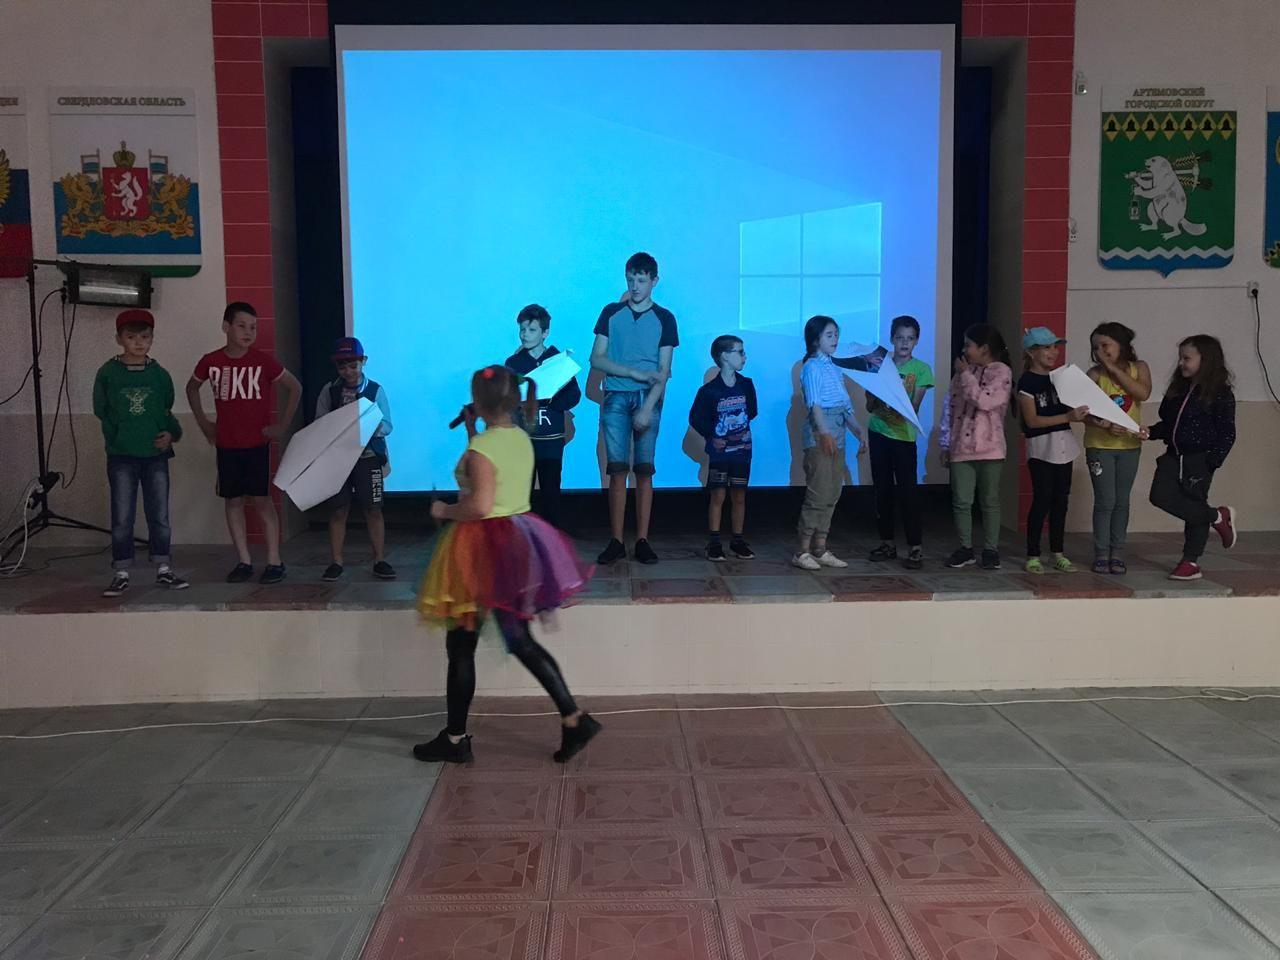 сотрудники Центра культуры и кино «Родина» провели танцевальную игровую программу «Путешествие на Радужные острова»